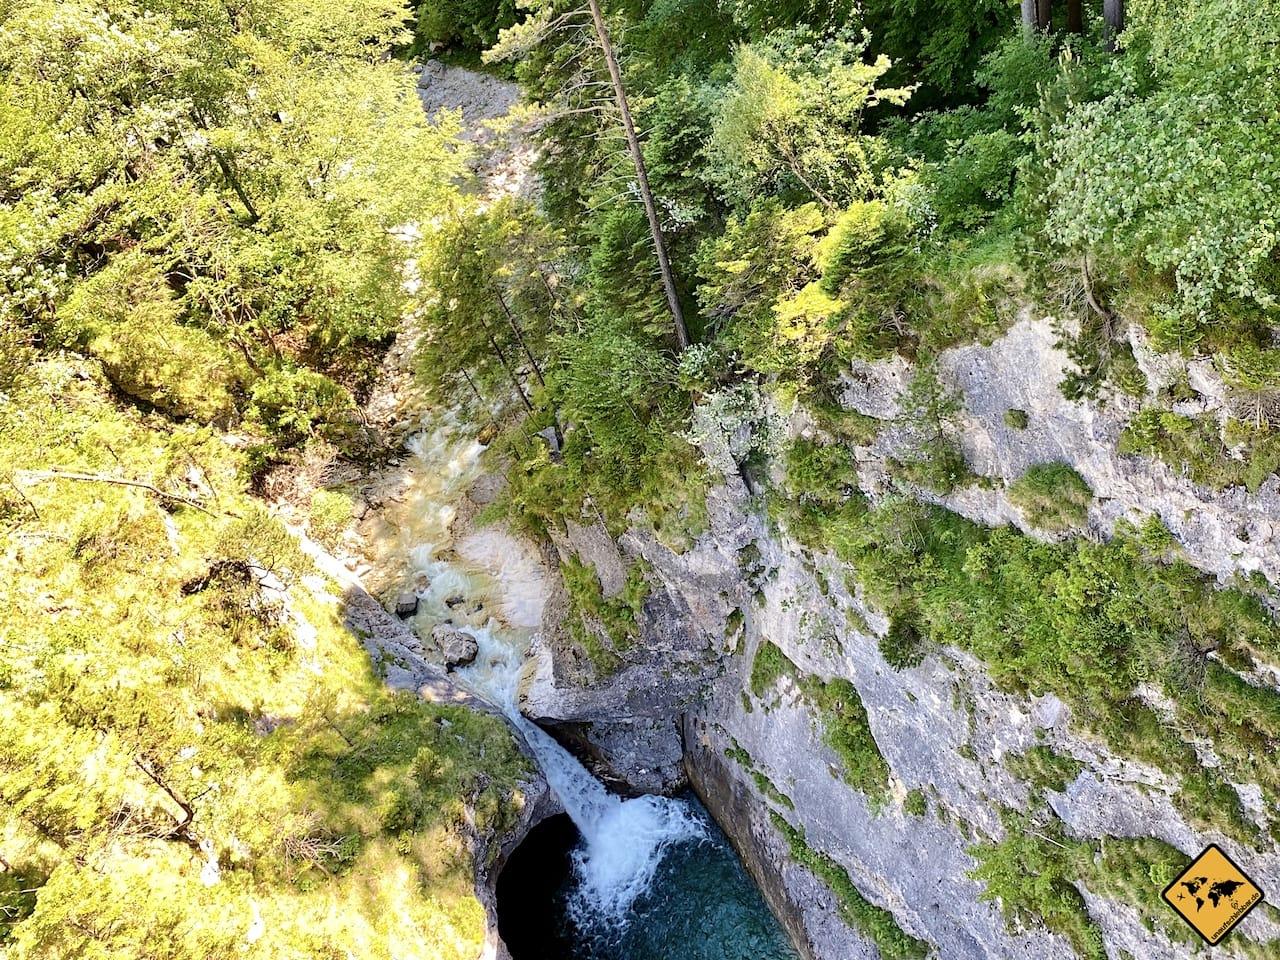 Pöllatwasserfall Sicht Marienbrücke